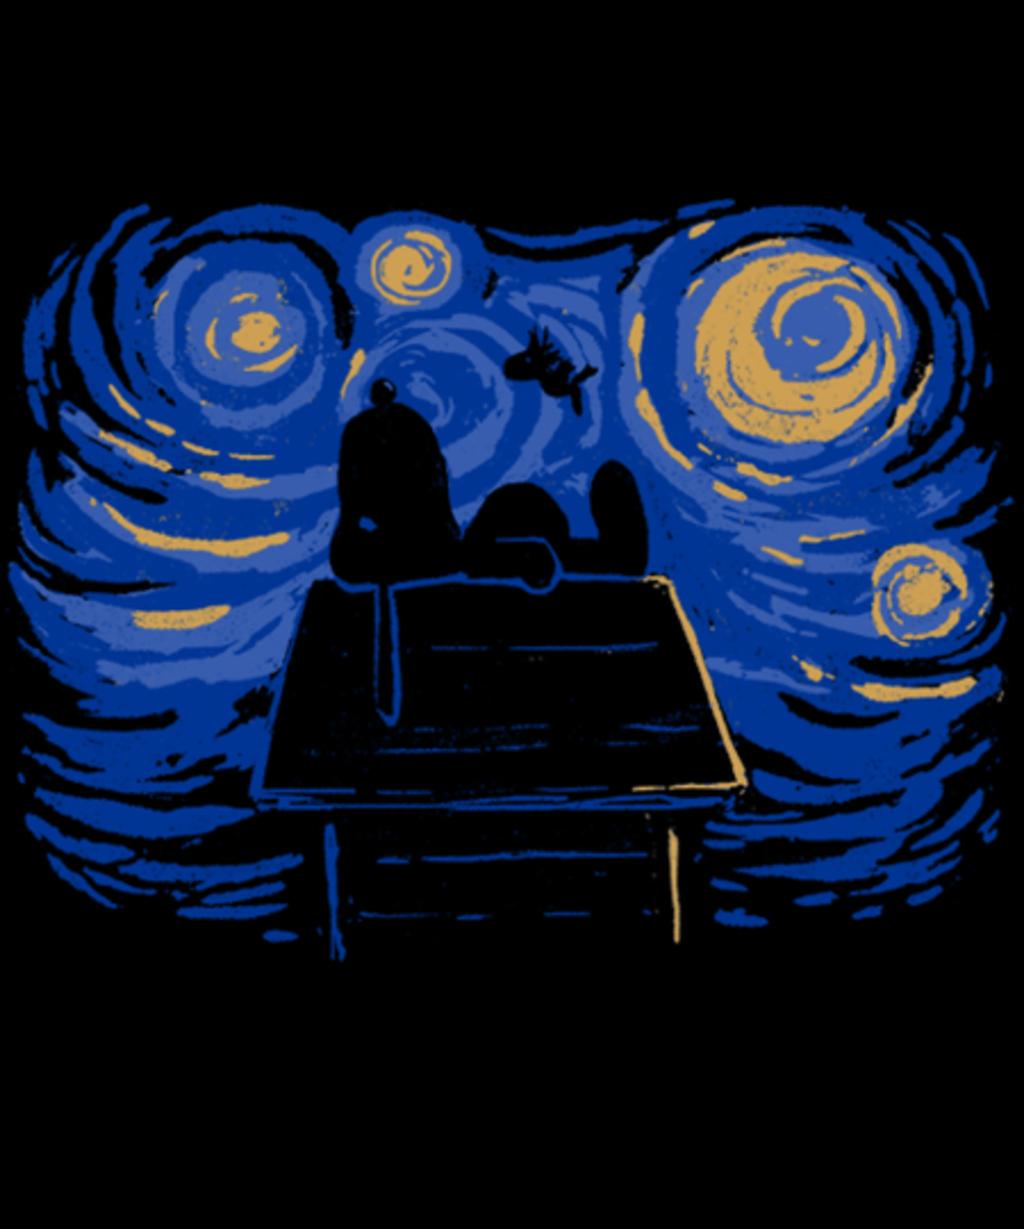 Qwertee: Starry Beagle